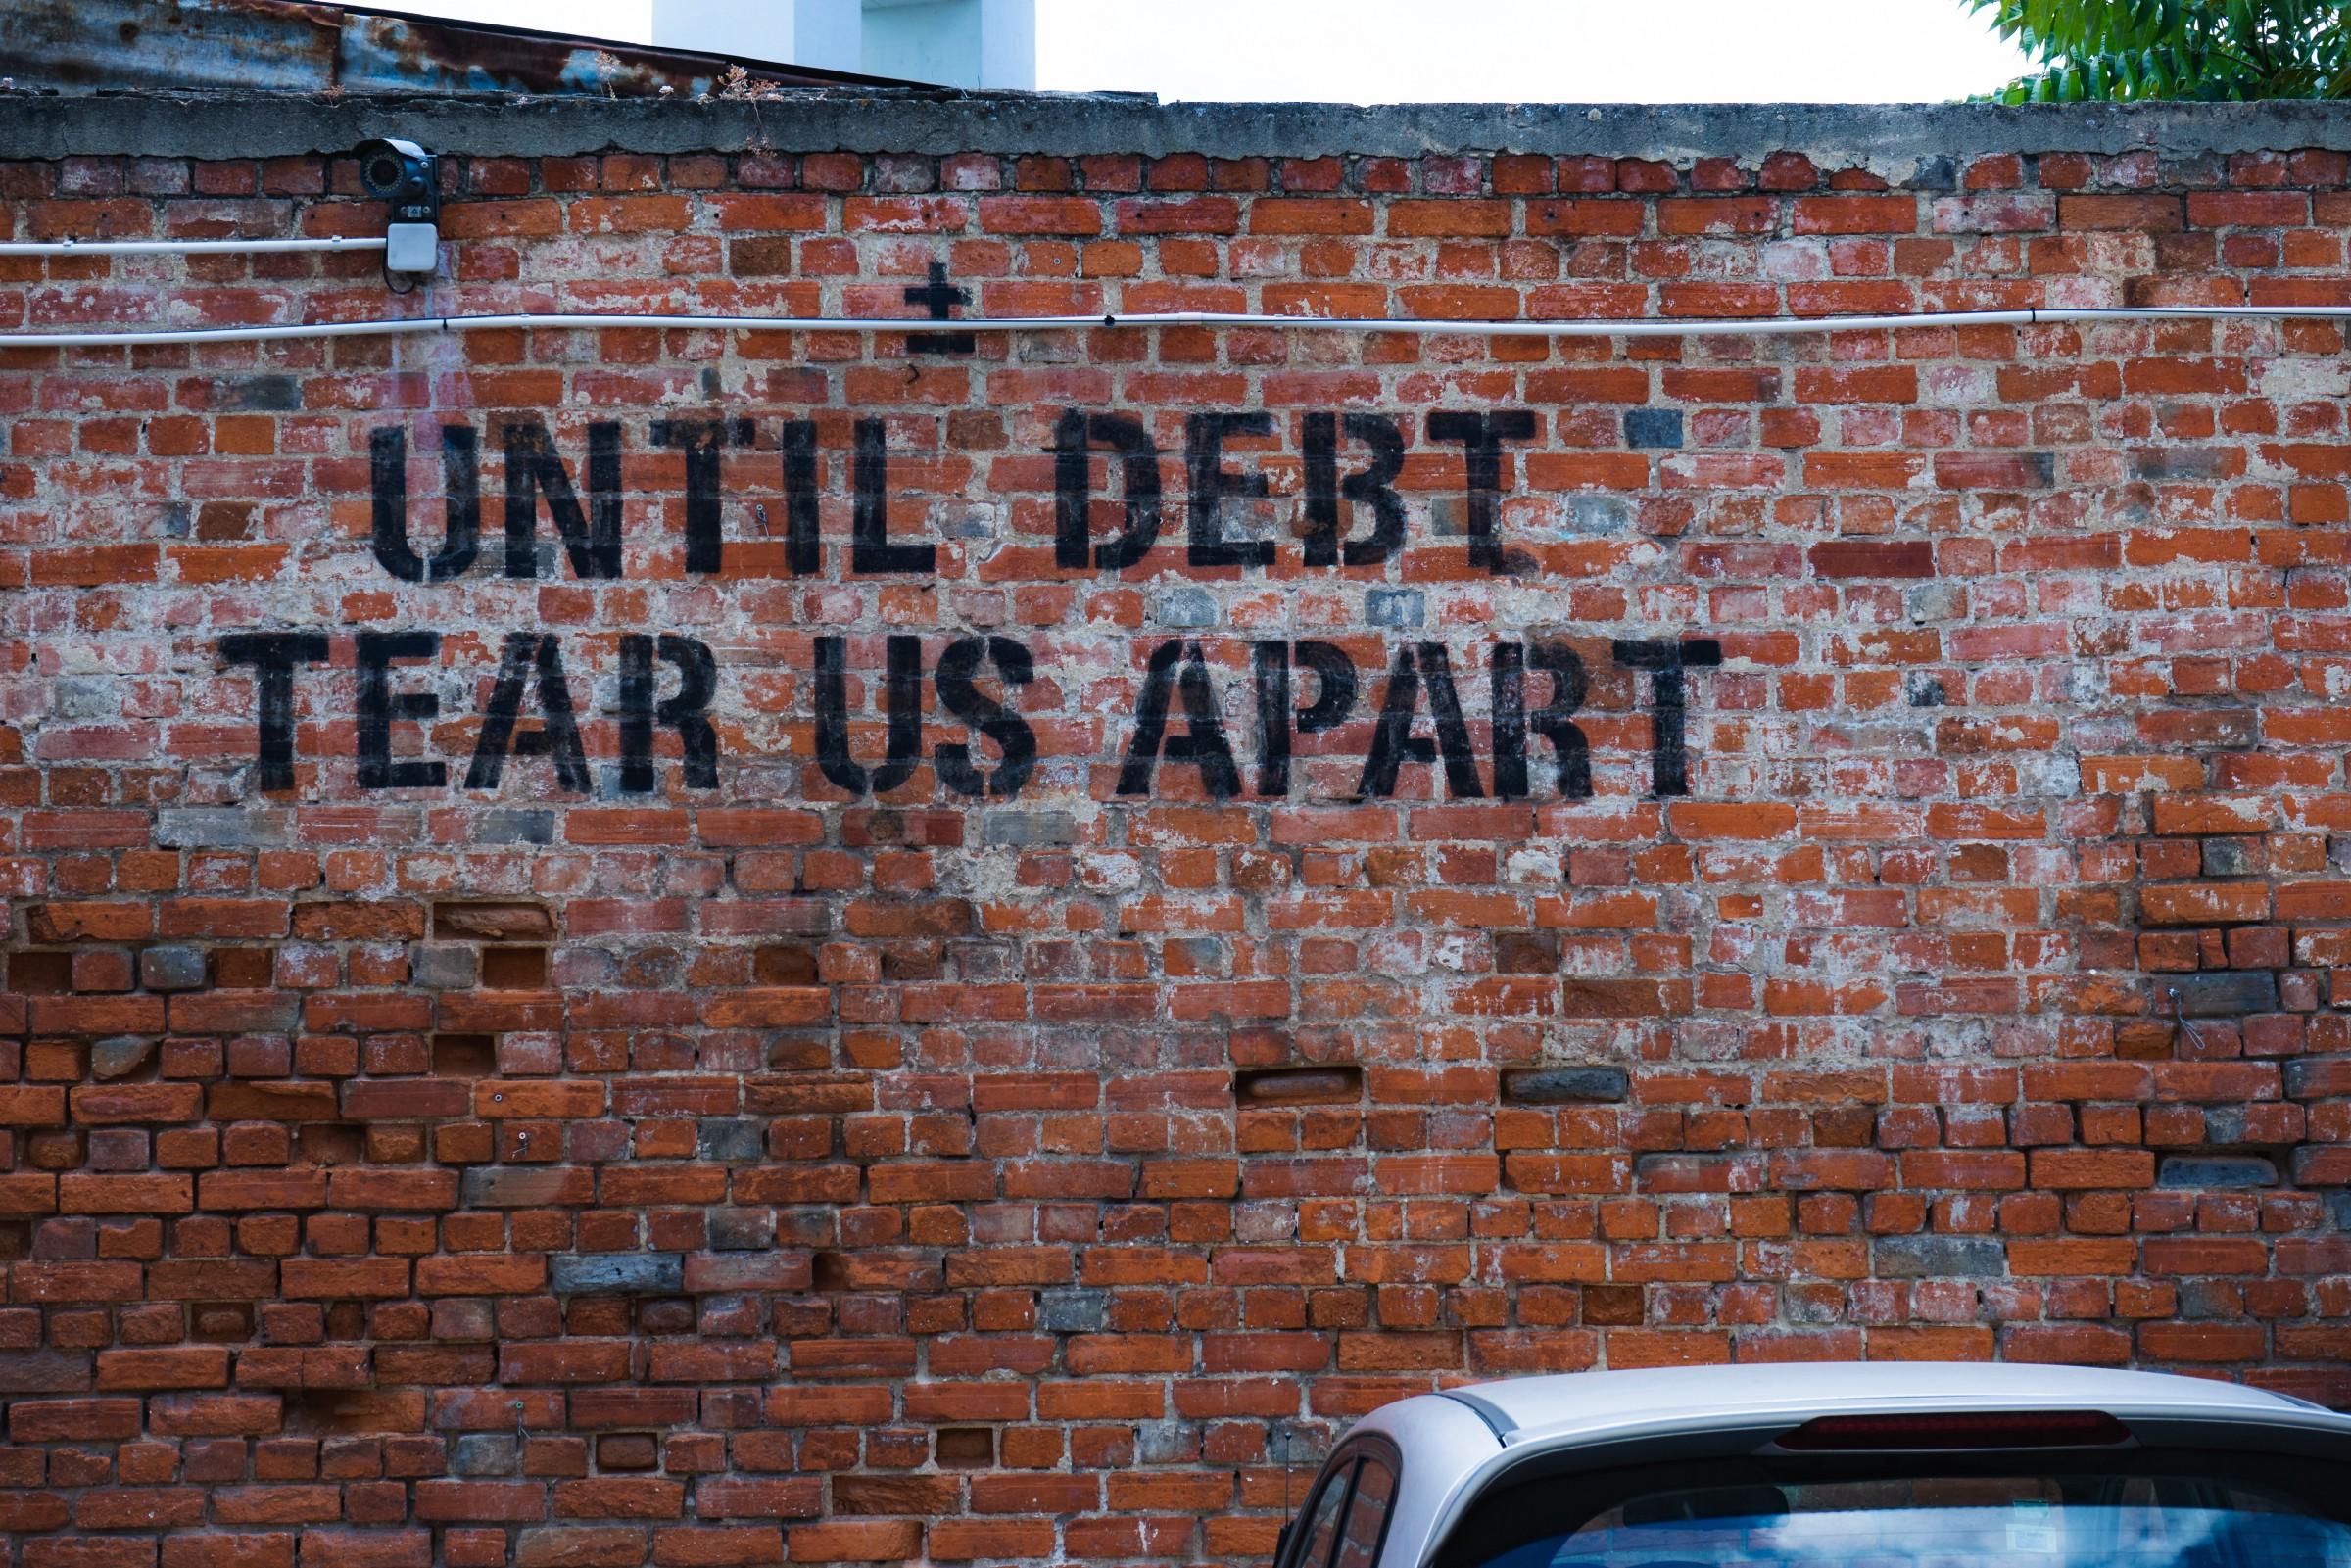 بدهی فنی چیست و چطور باید آن را مدیریت کرد؟